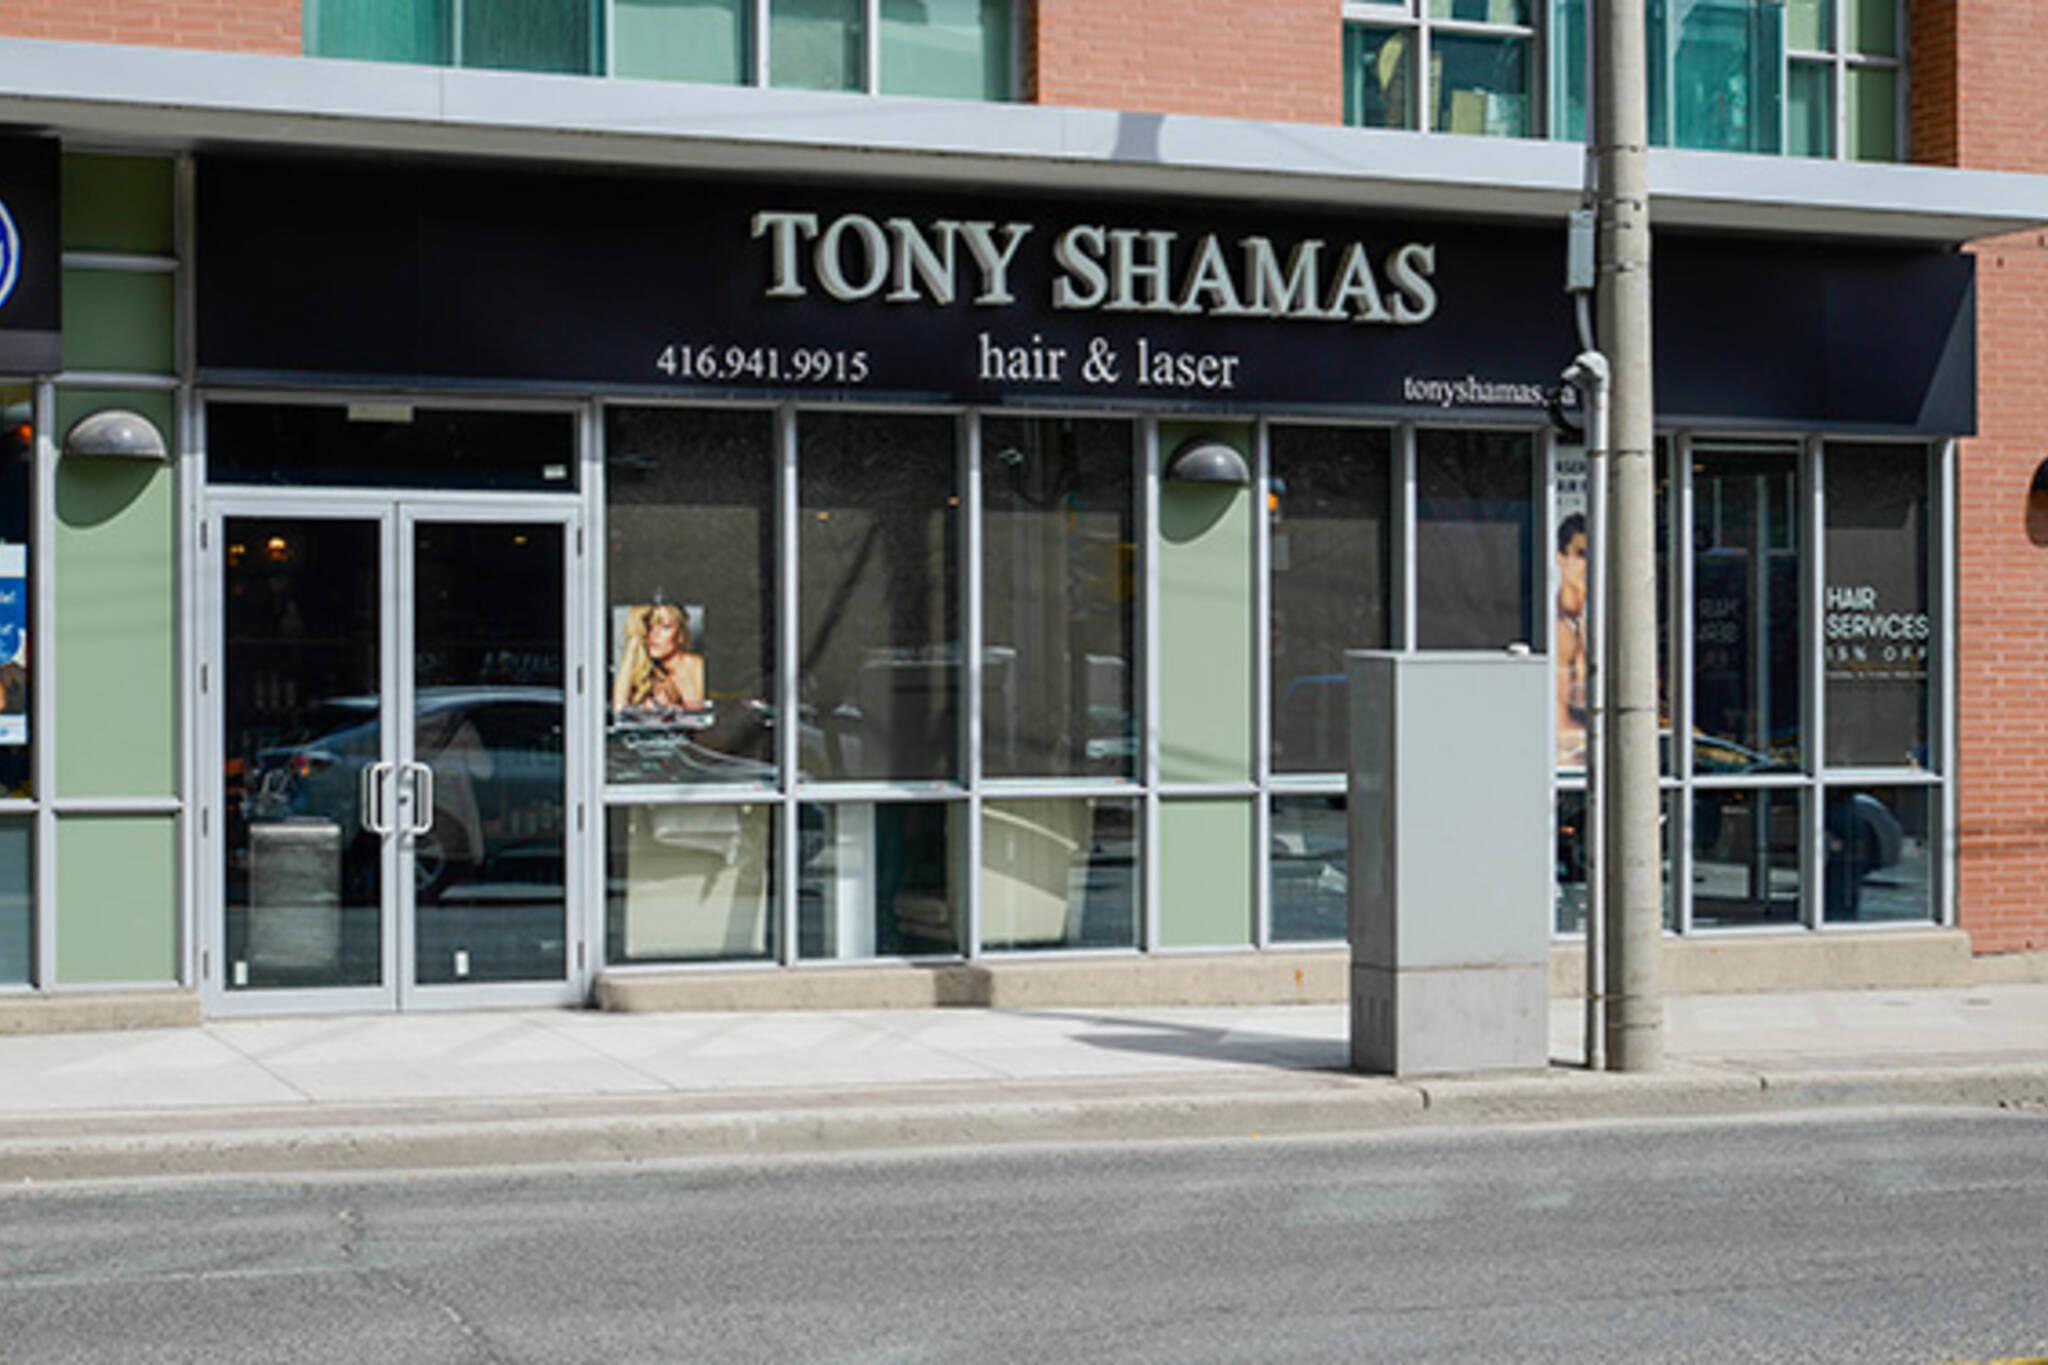 Tony Shamas